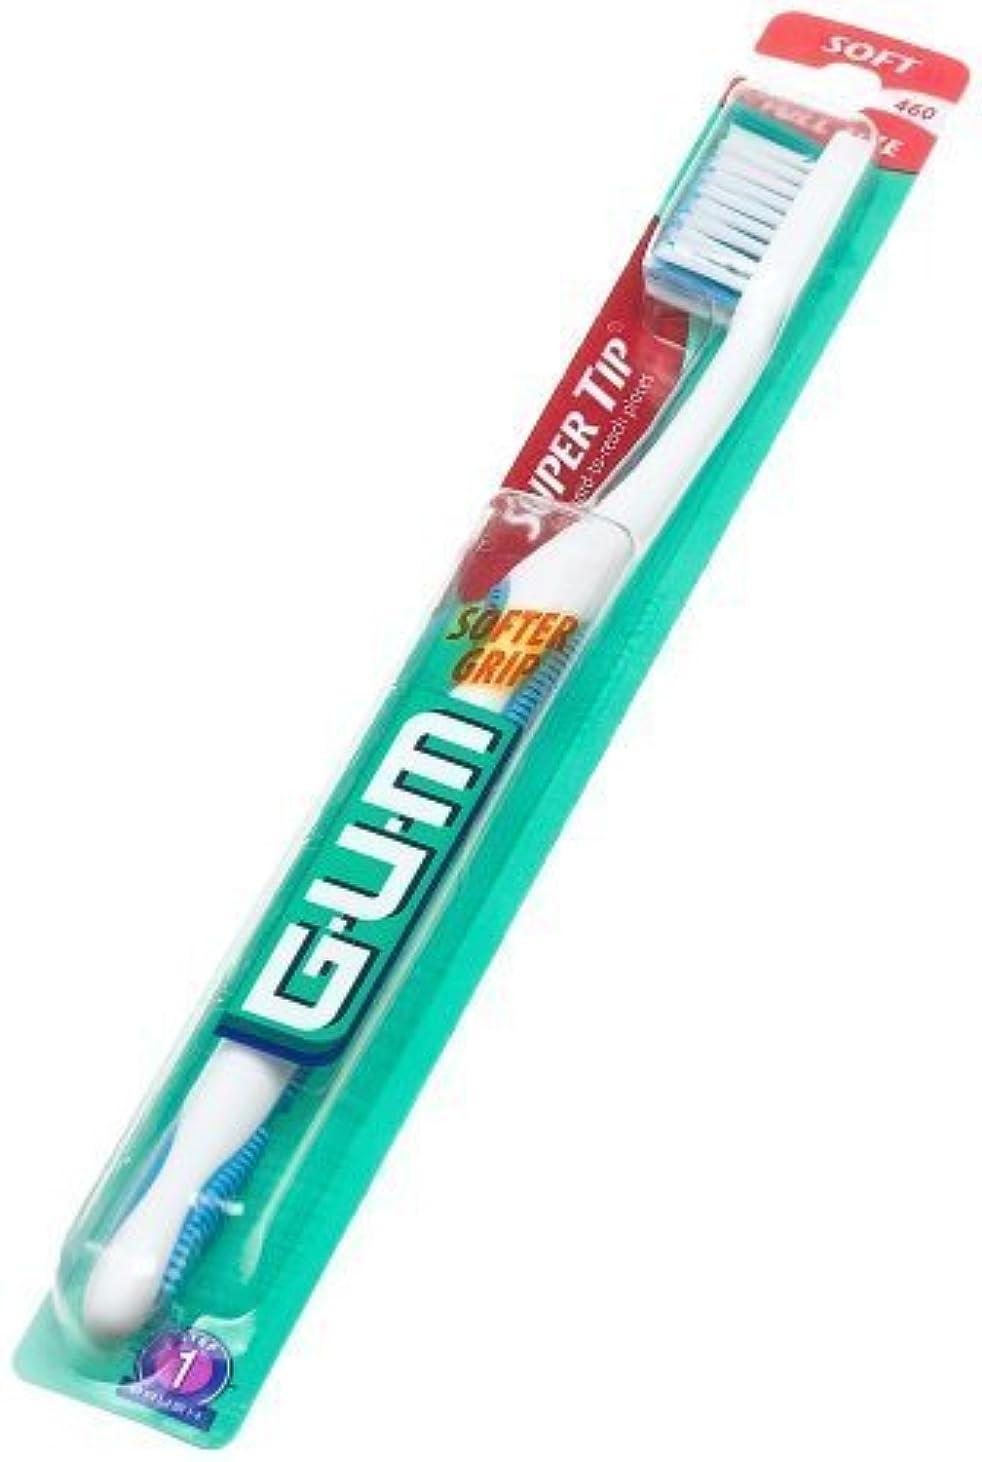 ビデオ顧問ただやる海外直送肘 Gum Butler G-U-M Super Tip Full Head Toothbrush Soft, Soft 1 each